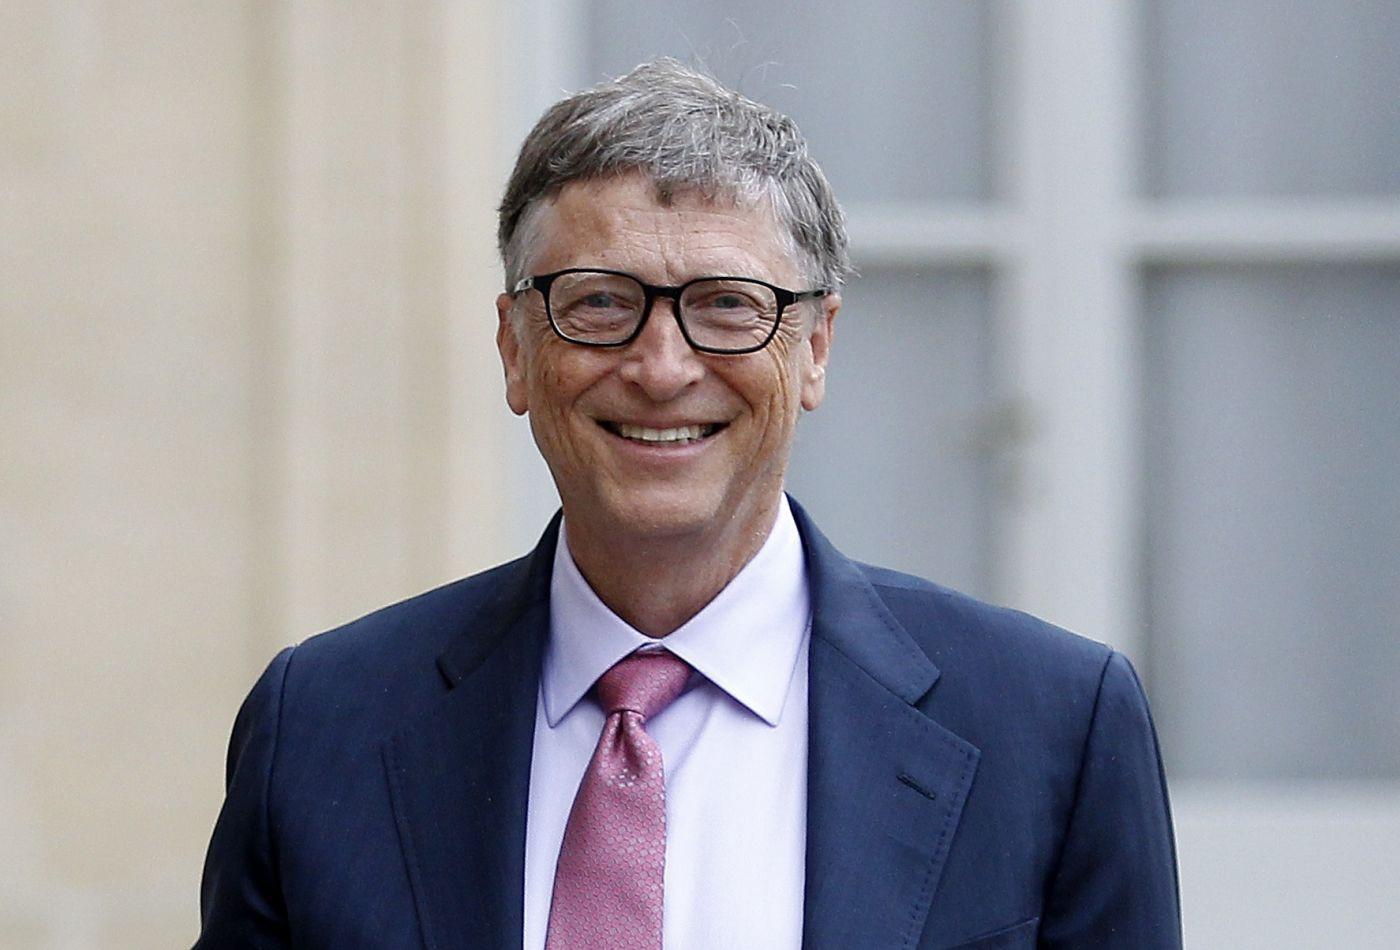 người giàu - photo 6 1559267474183109706954 - Định nghĩa thành công của người giàu